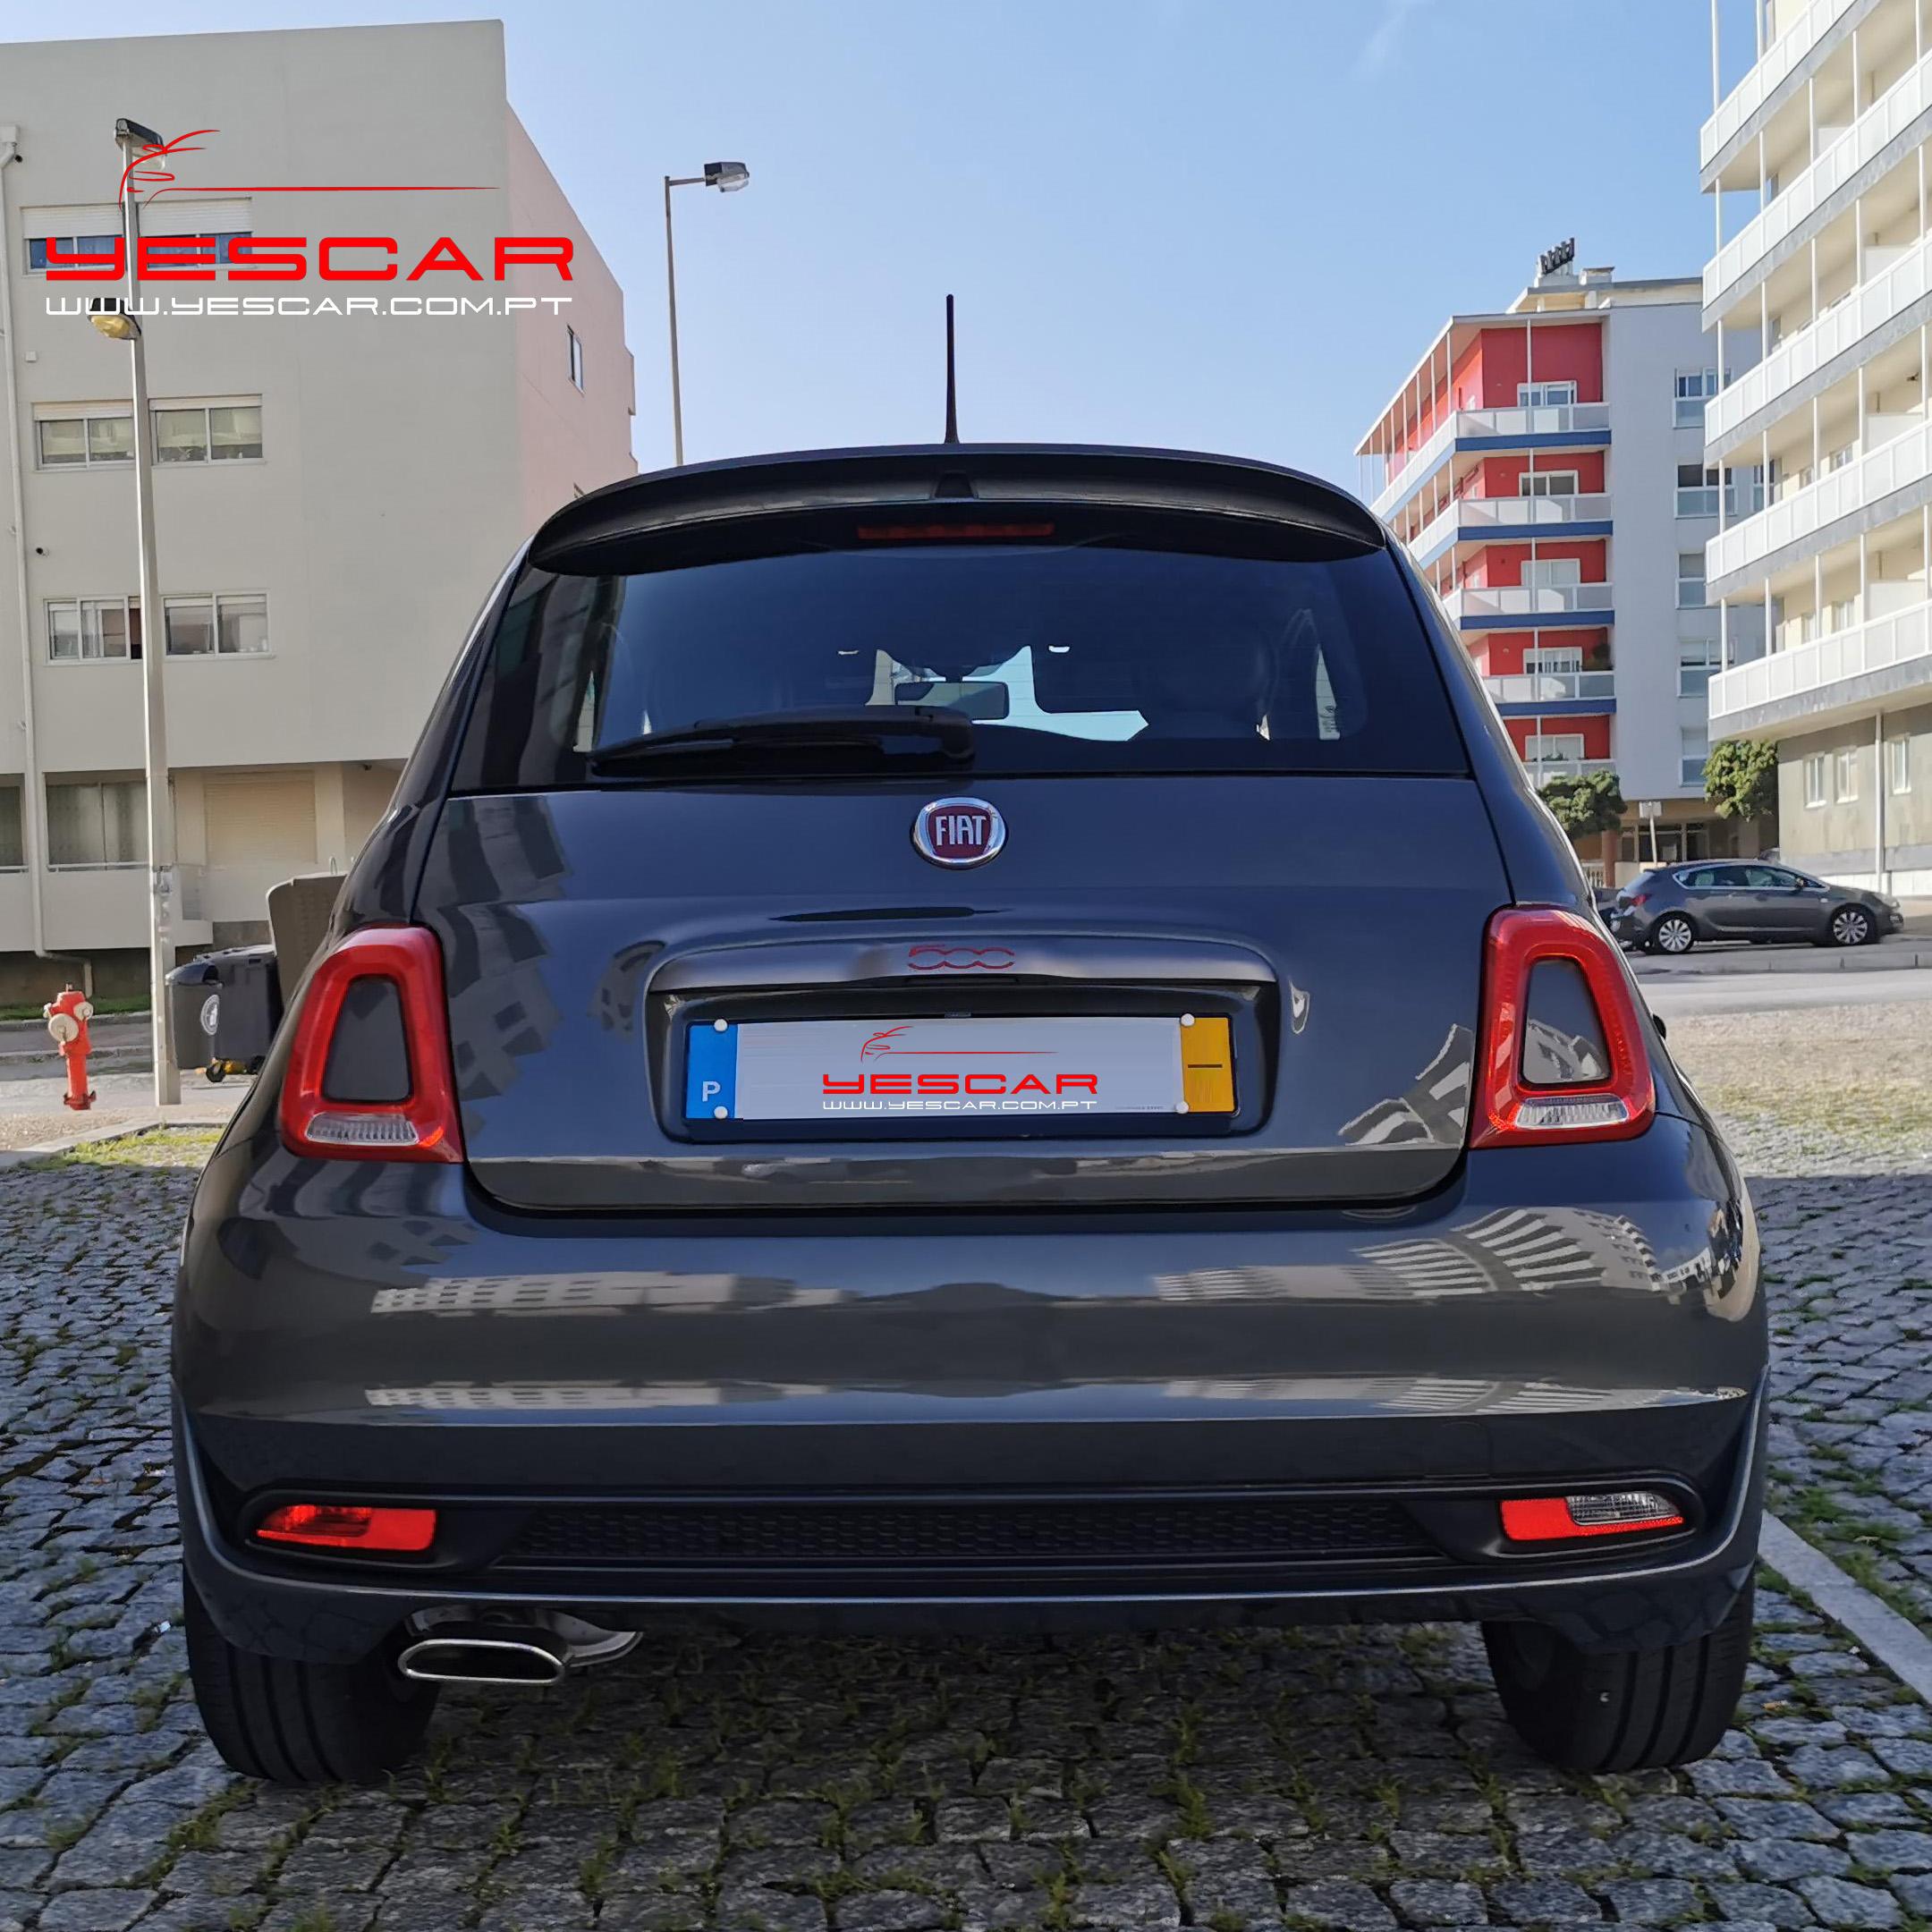 YESCAR_Fiat 500 CC (24)